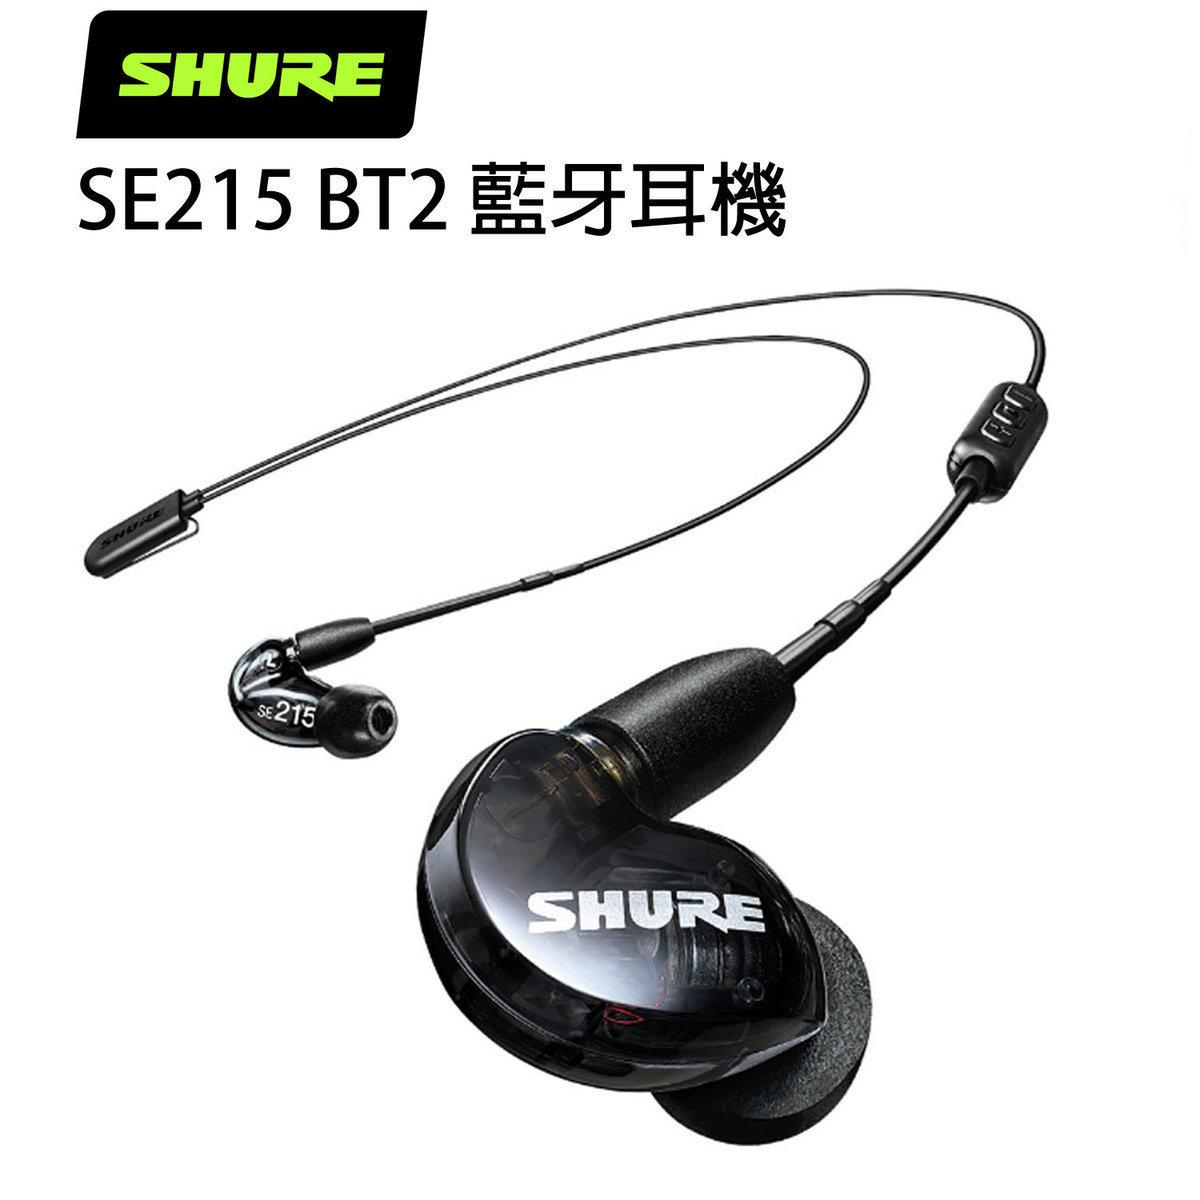 SE215 - BT2 無線專業隔音耳機『藍牙版 5.0』- 黑色